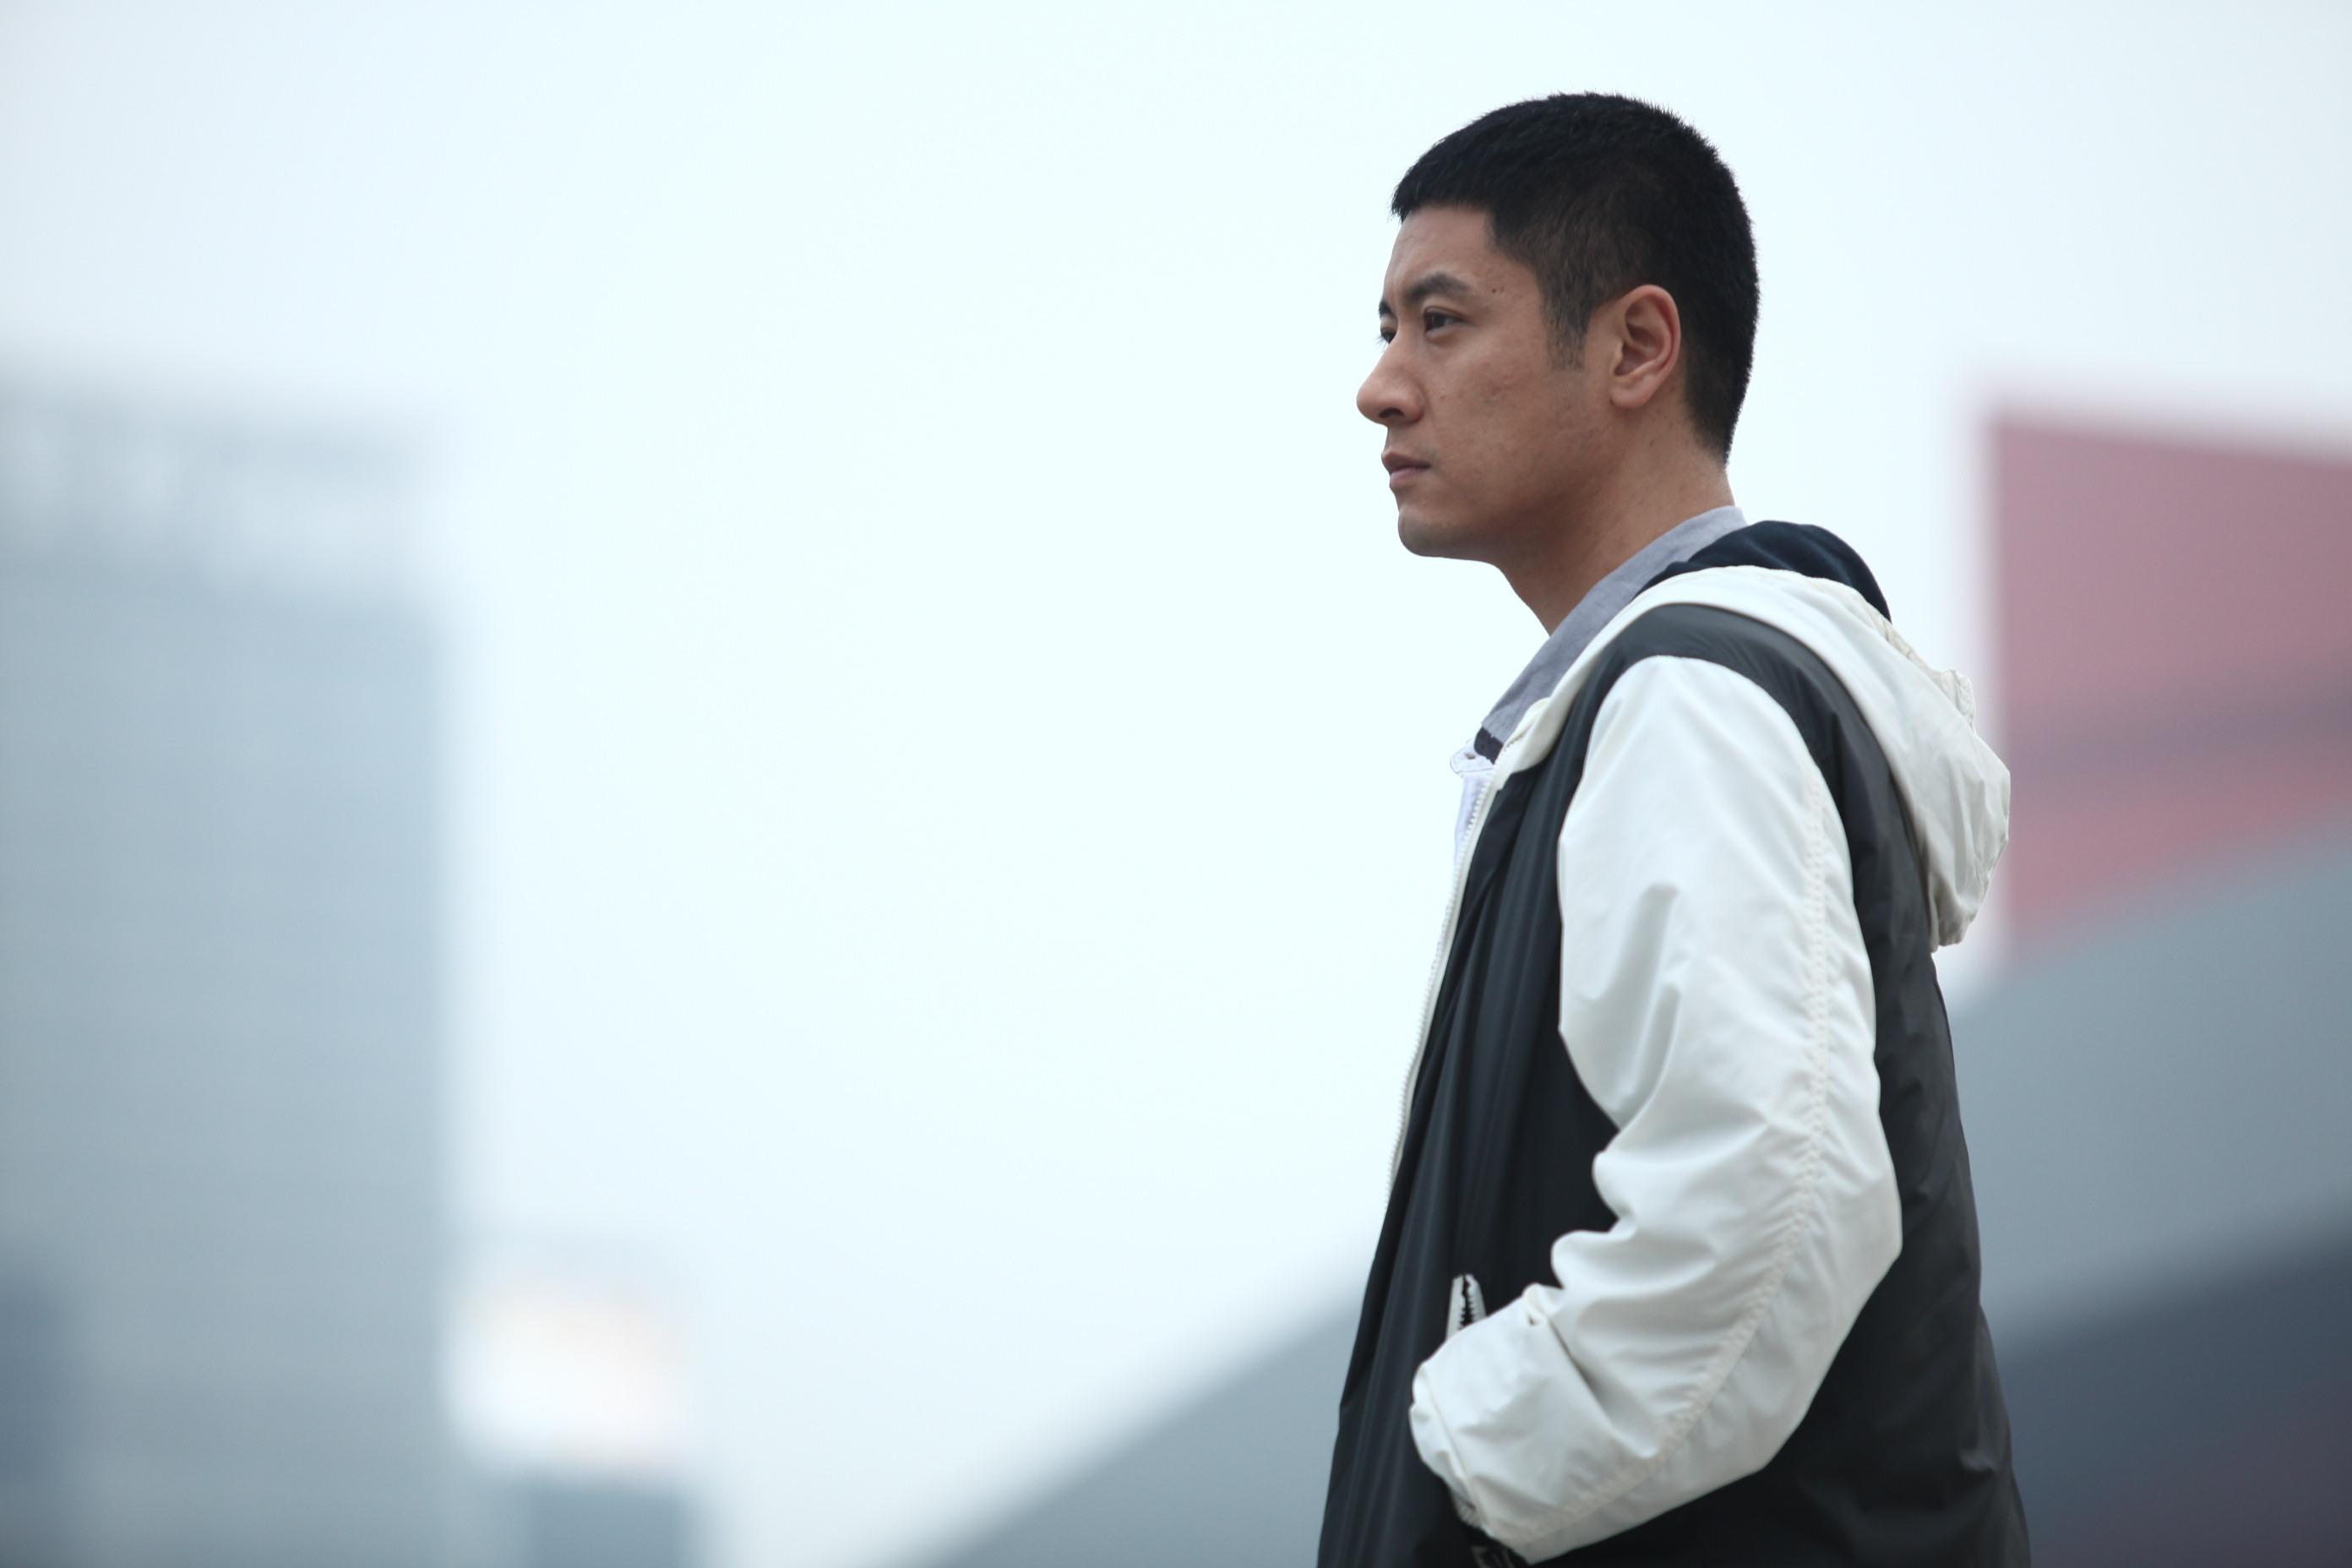 《北京青年》电视剧演员表,剧h; 北京青年;; re:剧透《北京青年》青春图片